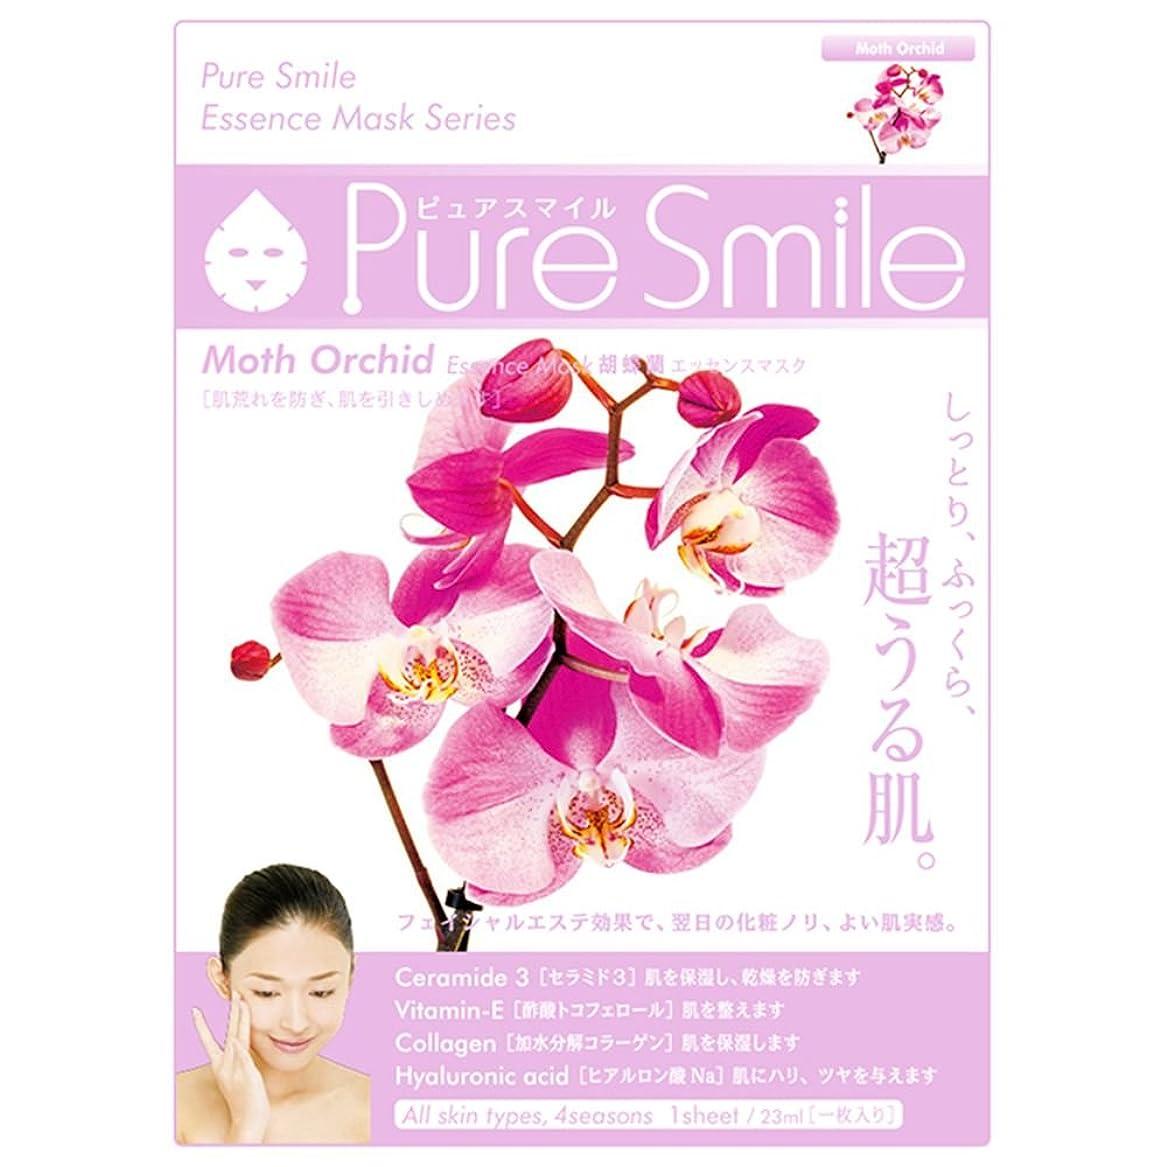 ハリケーン欠乏騒ぎPure Smile/ピュアスマイル エッセンス/フェイスマスク 『Moth Orchid/胡蝶蘭』